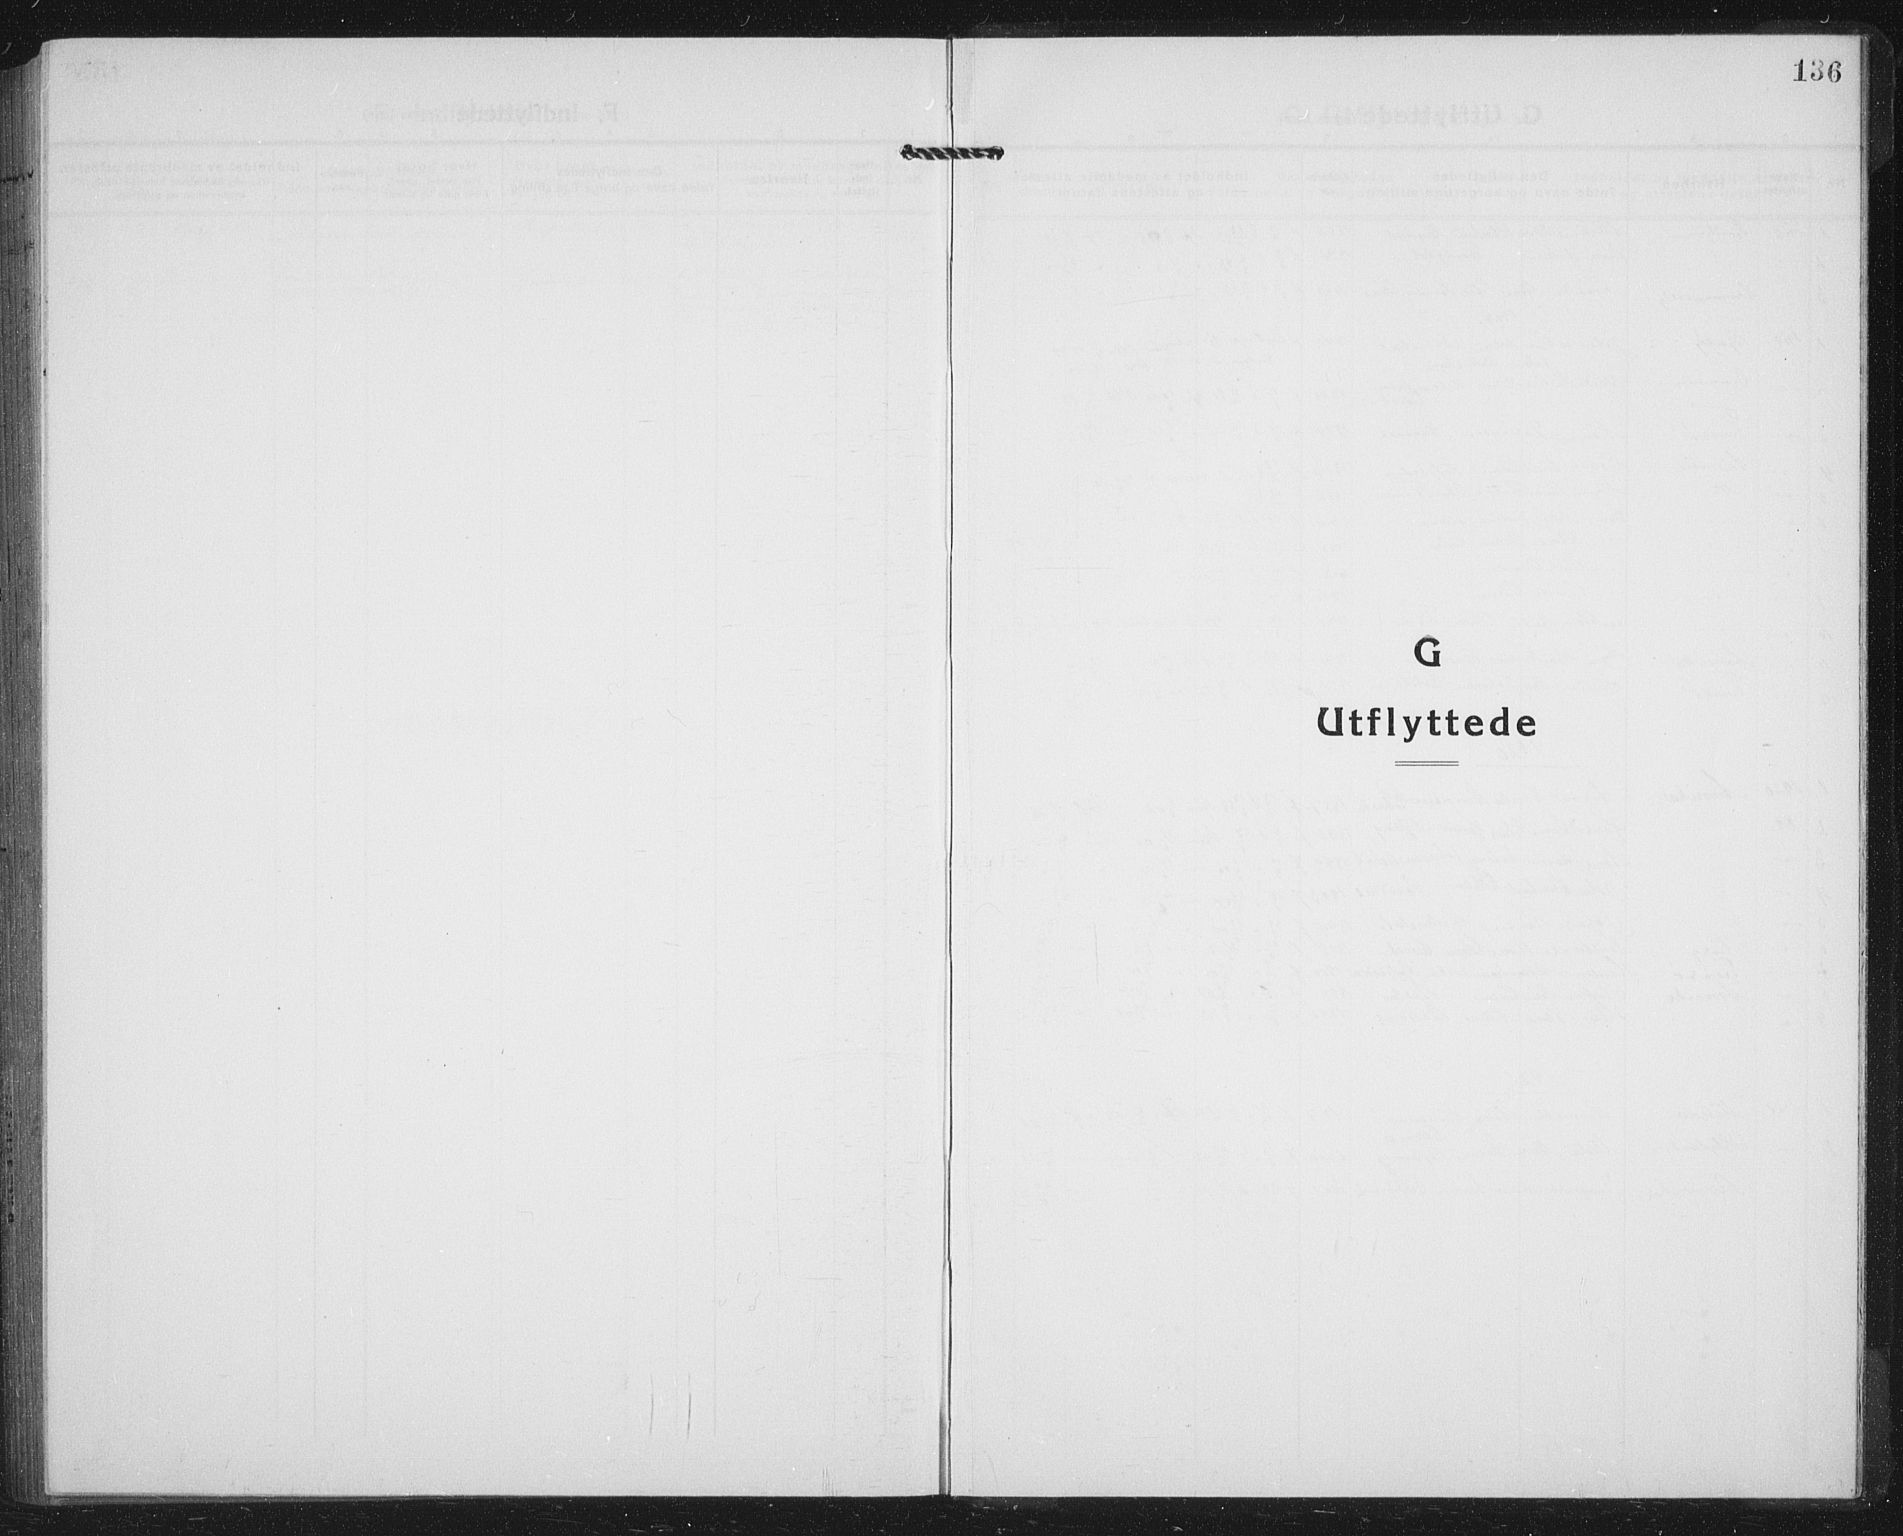 SATØ, Lenvik sokneprestembete, H/Ha/Hab/L0023klokker: Klokkerbok nr. 23, 1918-1936, s. 136